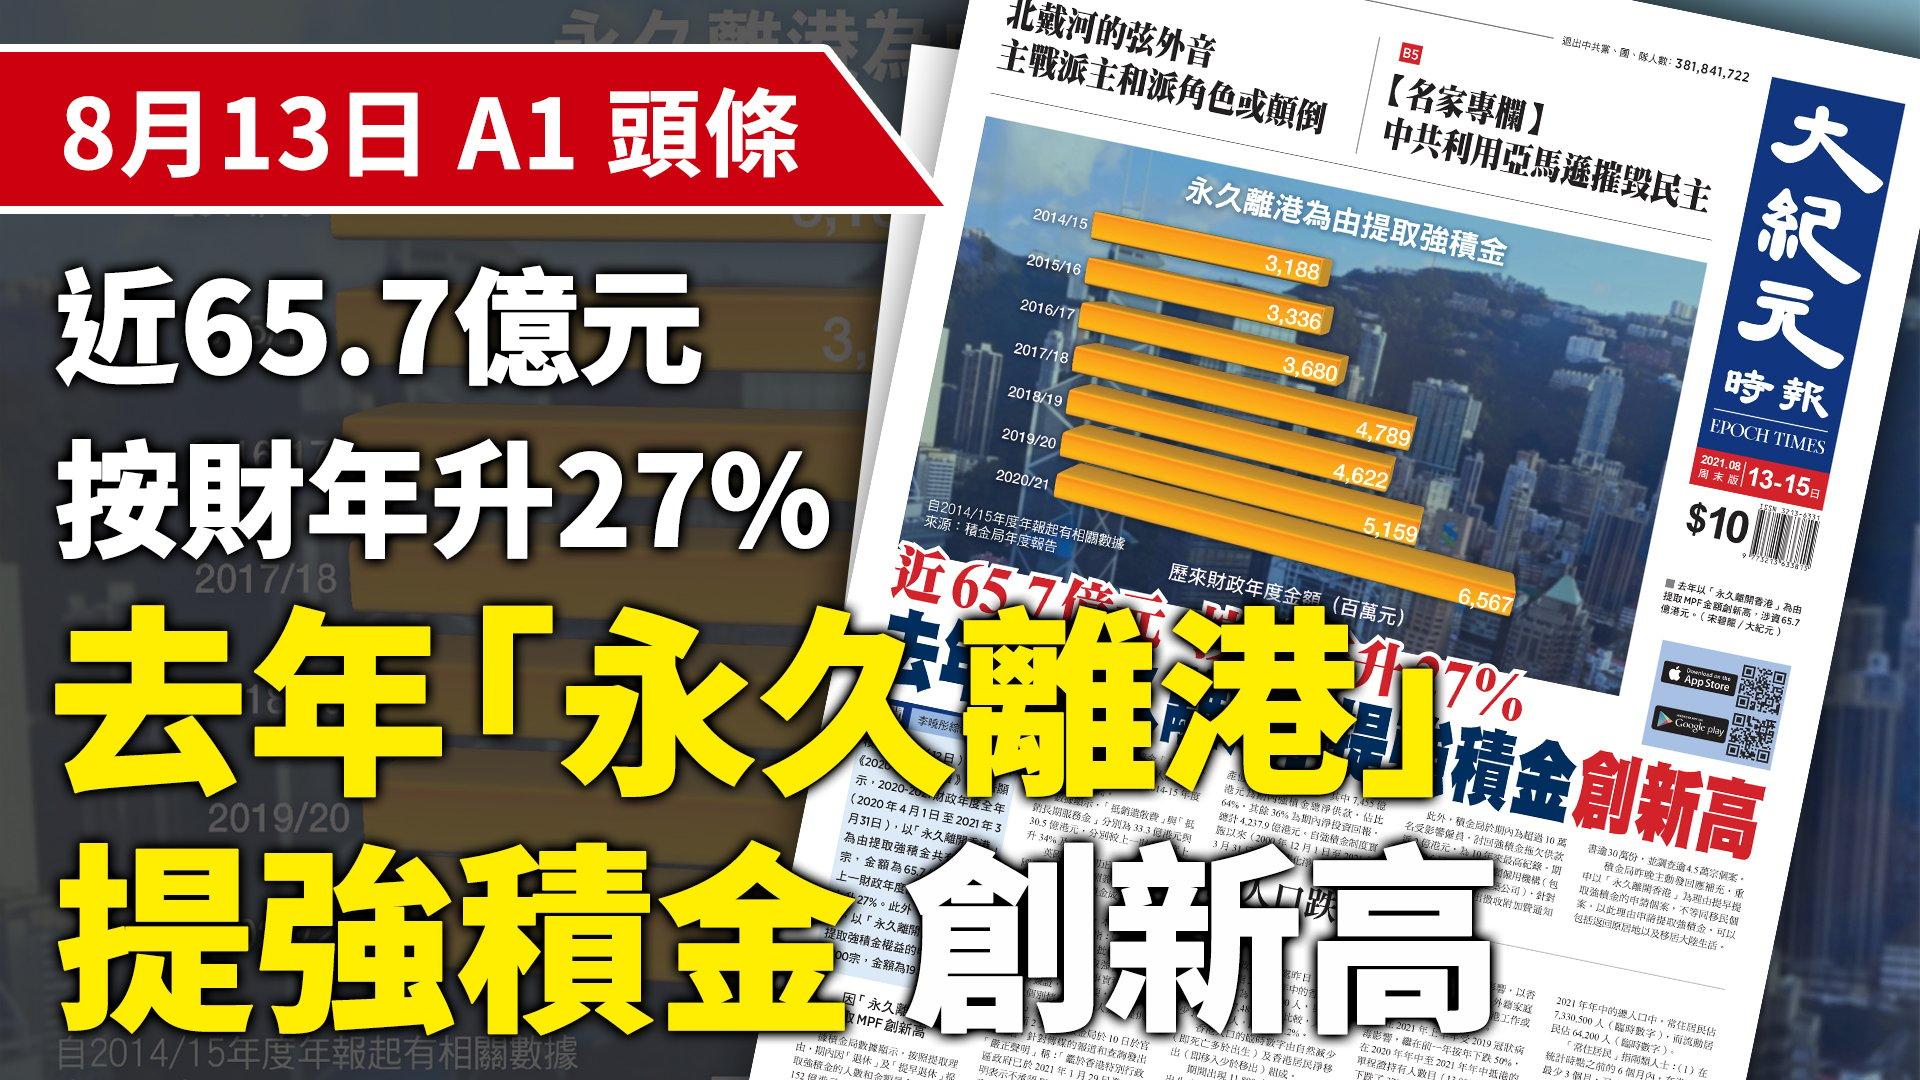 去年以「永久離開香港」為由提取MPF金額創新高,涉資65.7億港元。(宋碧龍/大紀元)